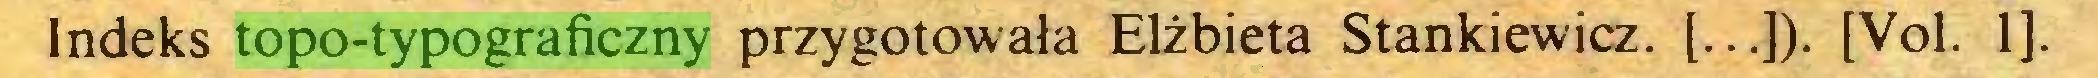 (...) Indeks topo-typograficzny przygotowała Elżbieta Stankiewicz. [...]). [Vol. 1]...